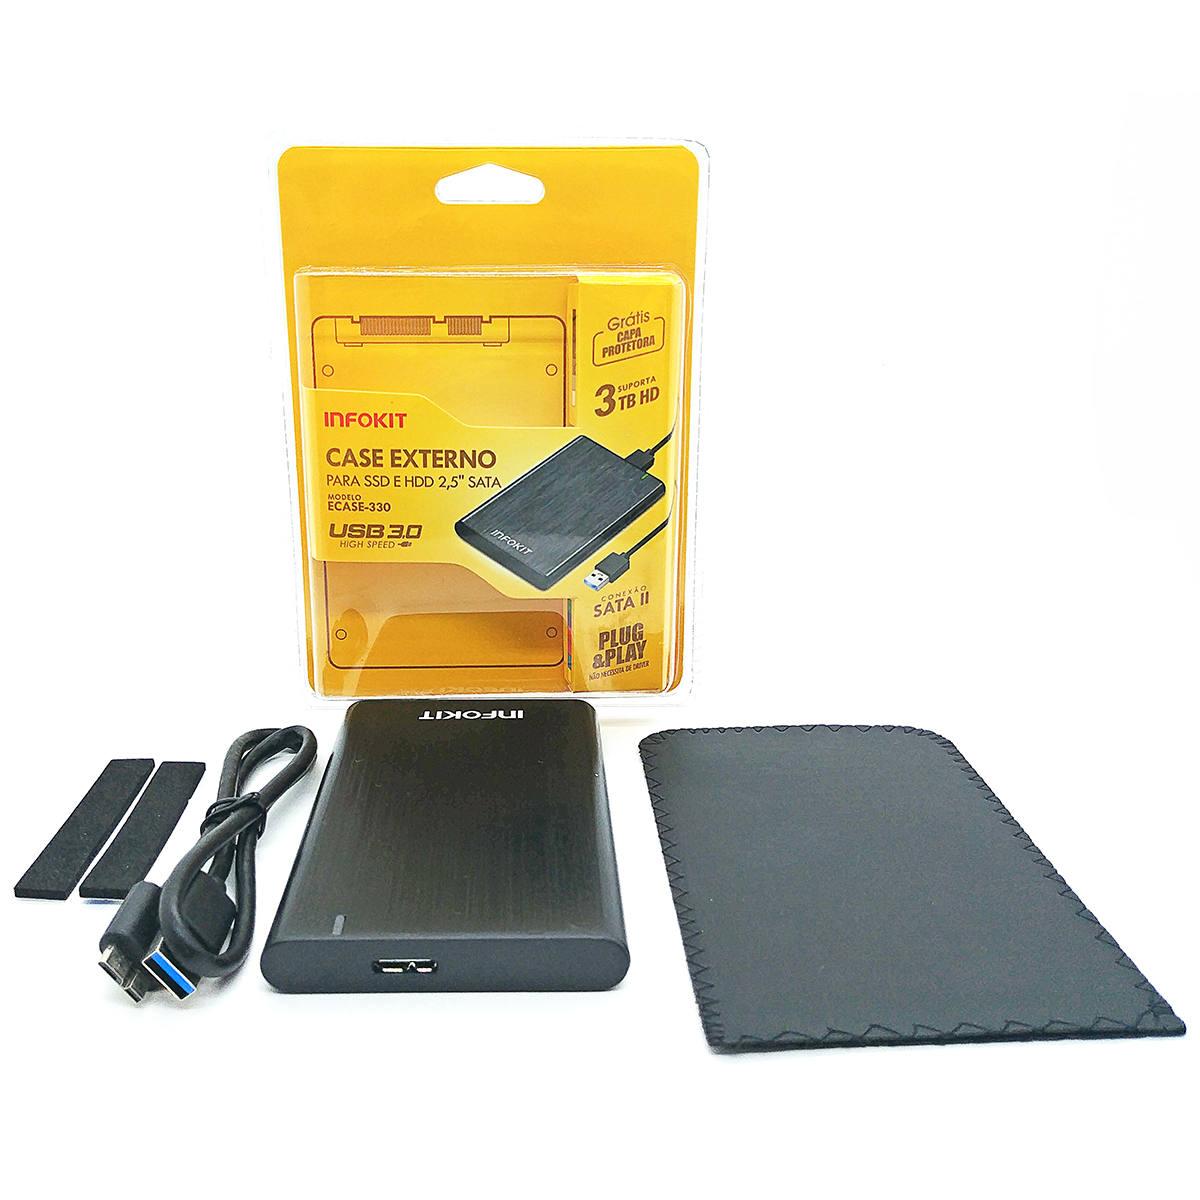 """Case Externo para SSD e HDD SATA 2.5"""" USB 3.0 apoio UASP 3TB em Alumínio Escovado com Capa Protetora Infokit Ecase-330"""